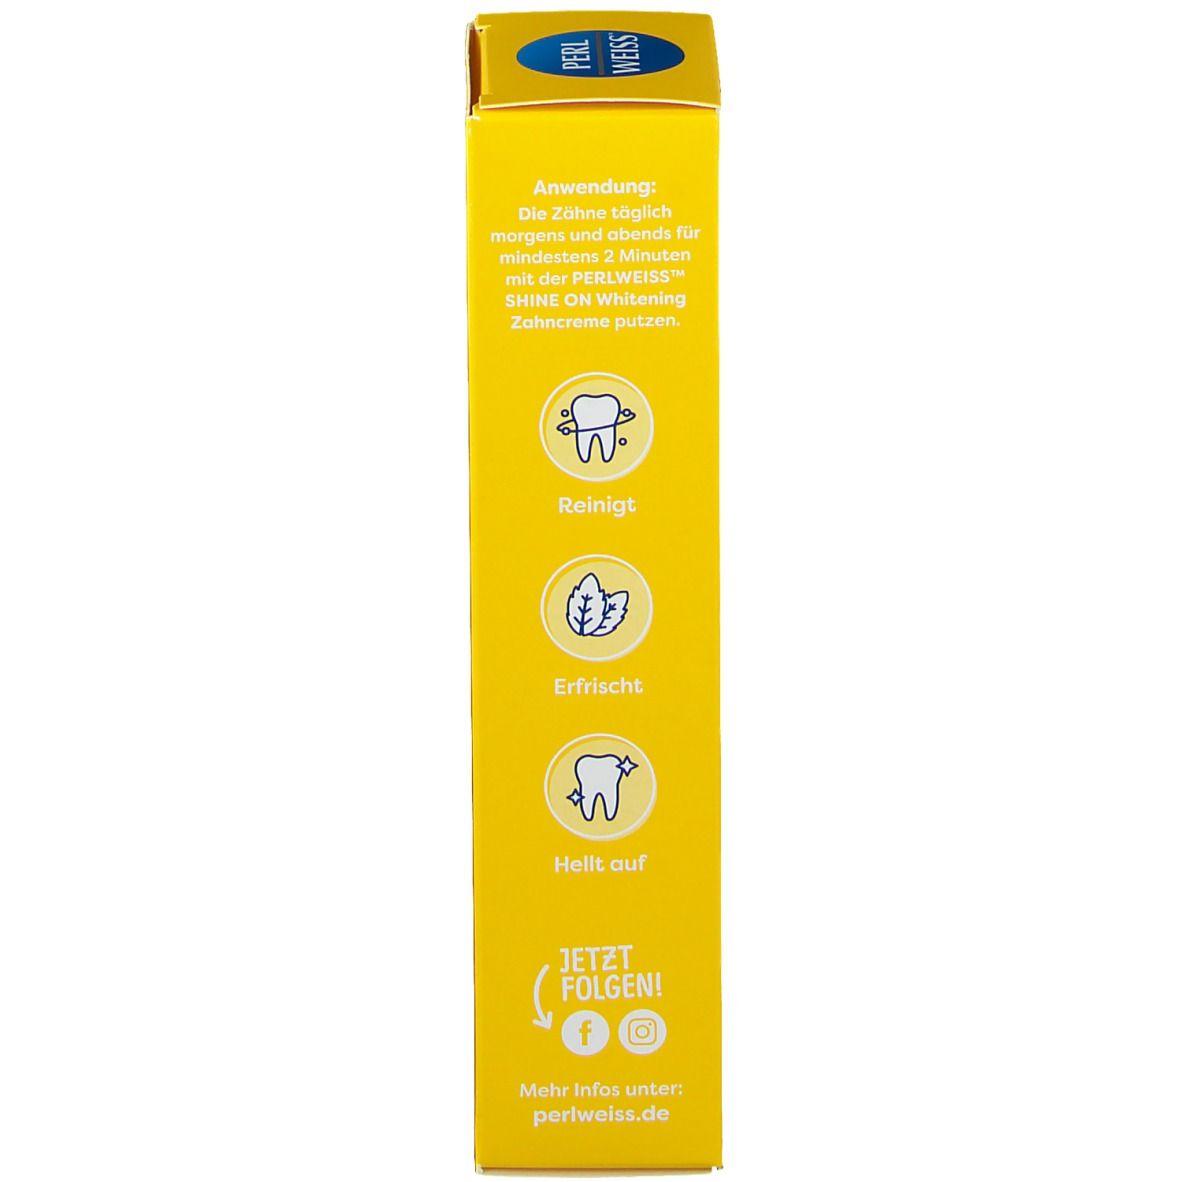 PERLWEISS® Shine On Whitening Zahncreme Ananas und Minze